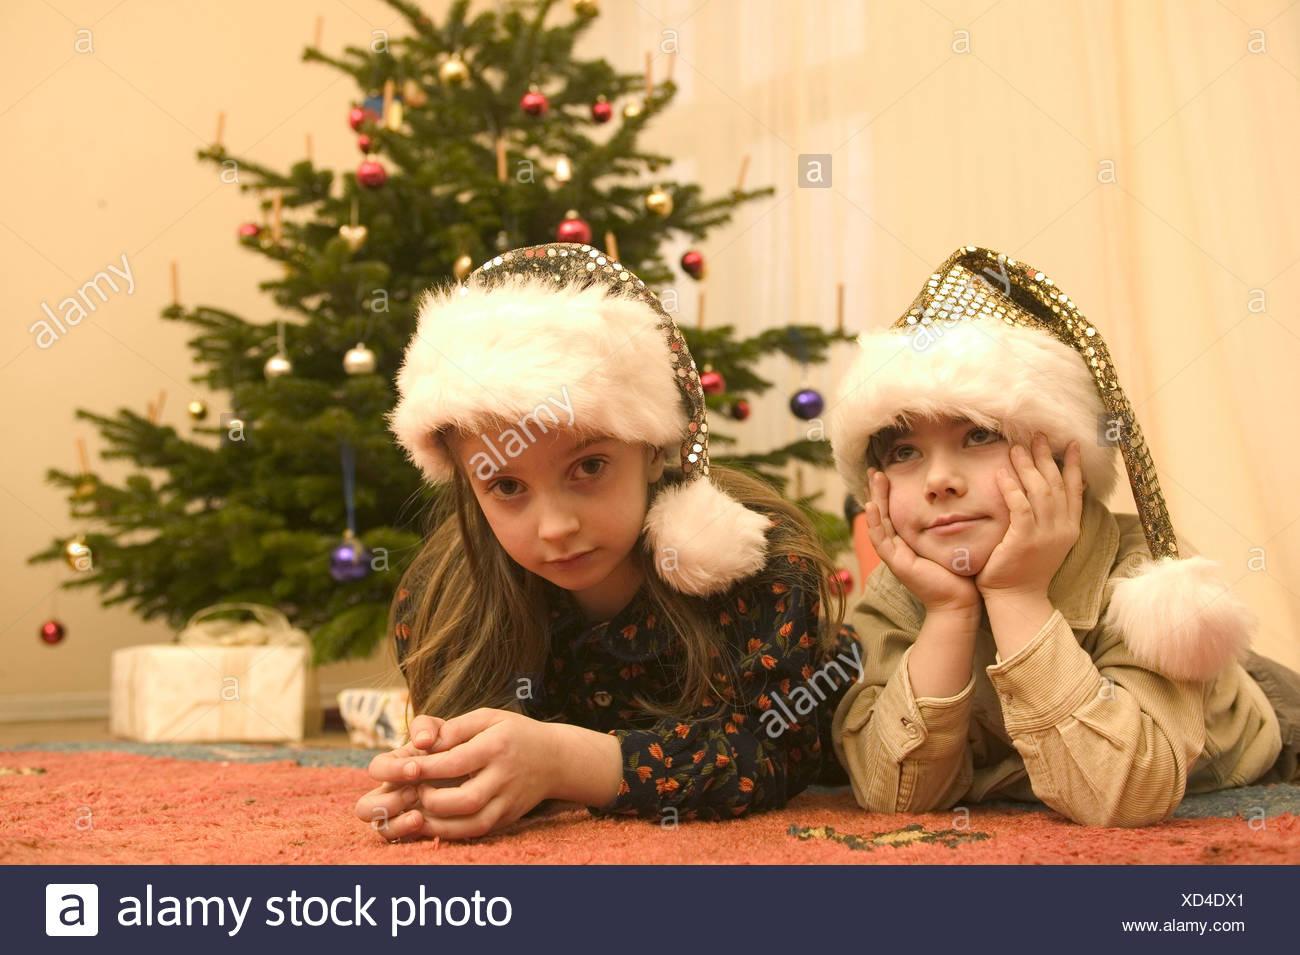 Regali Di Natale Per Bambini 5 Anni.Natale Salotti Albero Di Natale Regali Bambini Santa S Cappelli